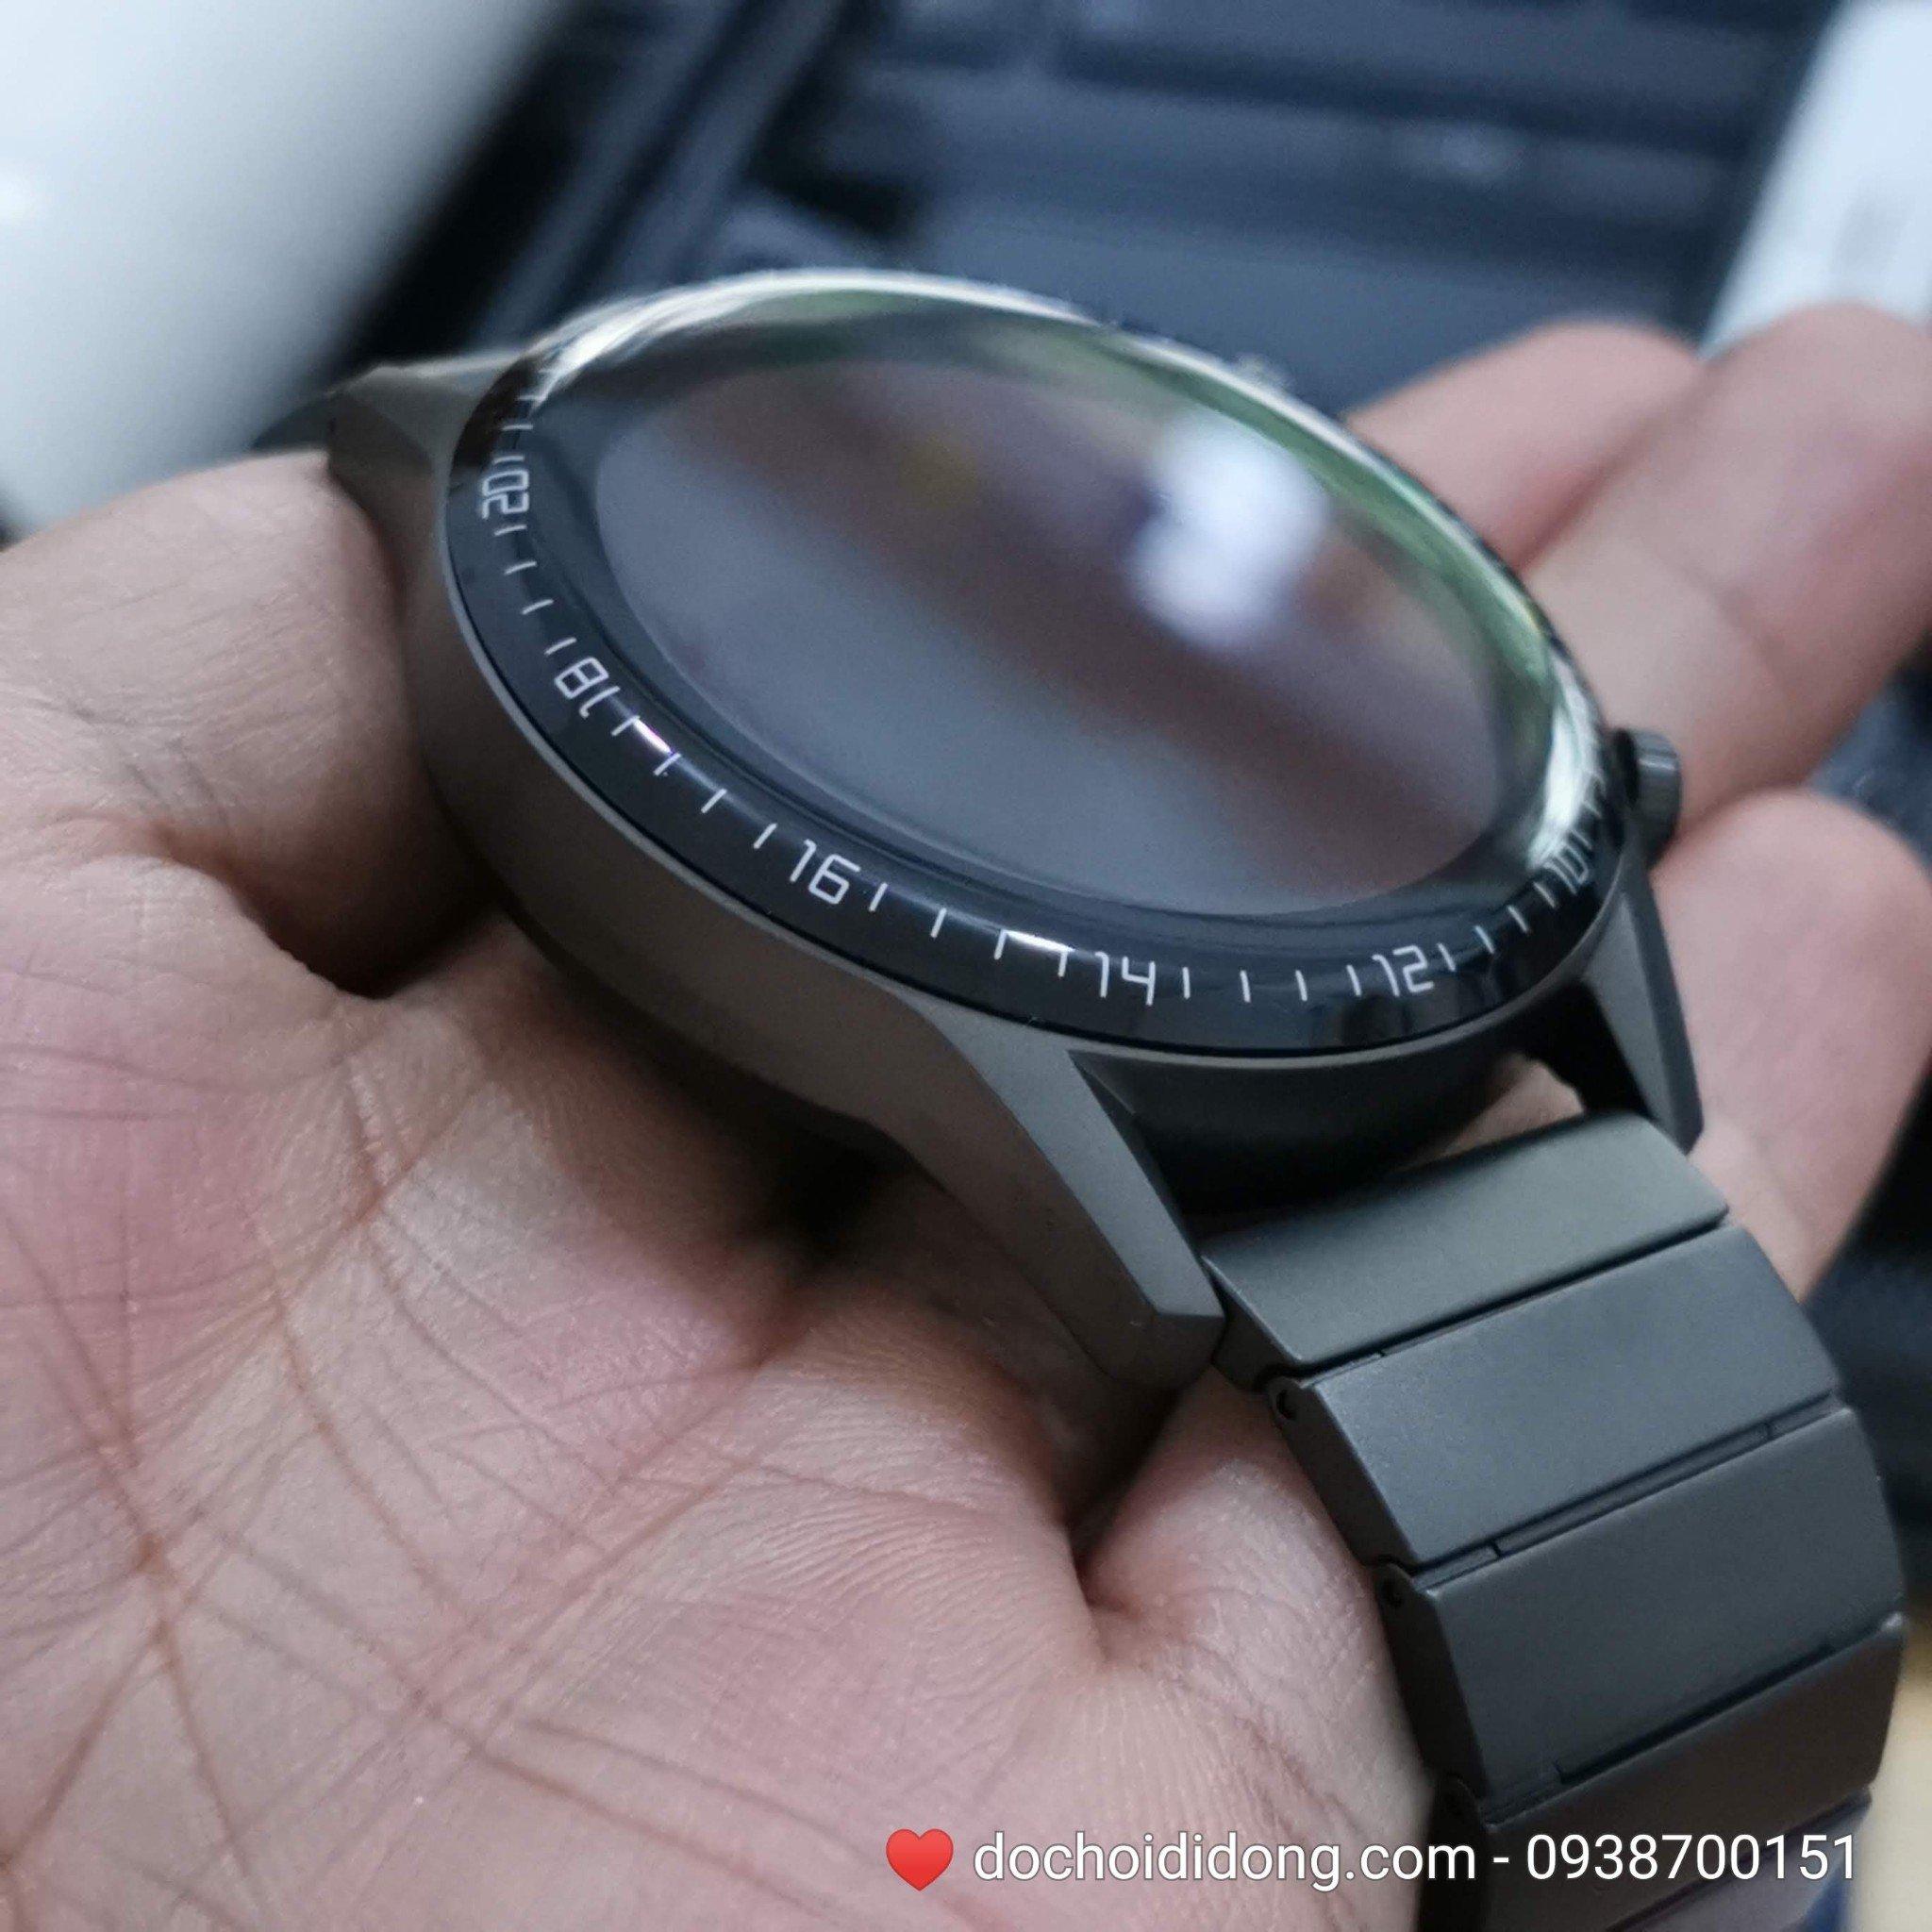 mieng-dan-cuong-luc-deo-polyme-danh-cho-dong-ho-huawei-watch-gt2